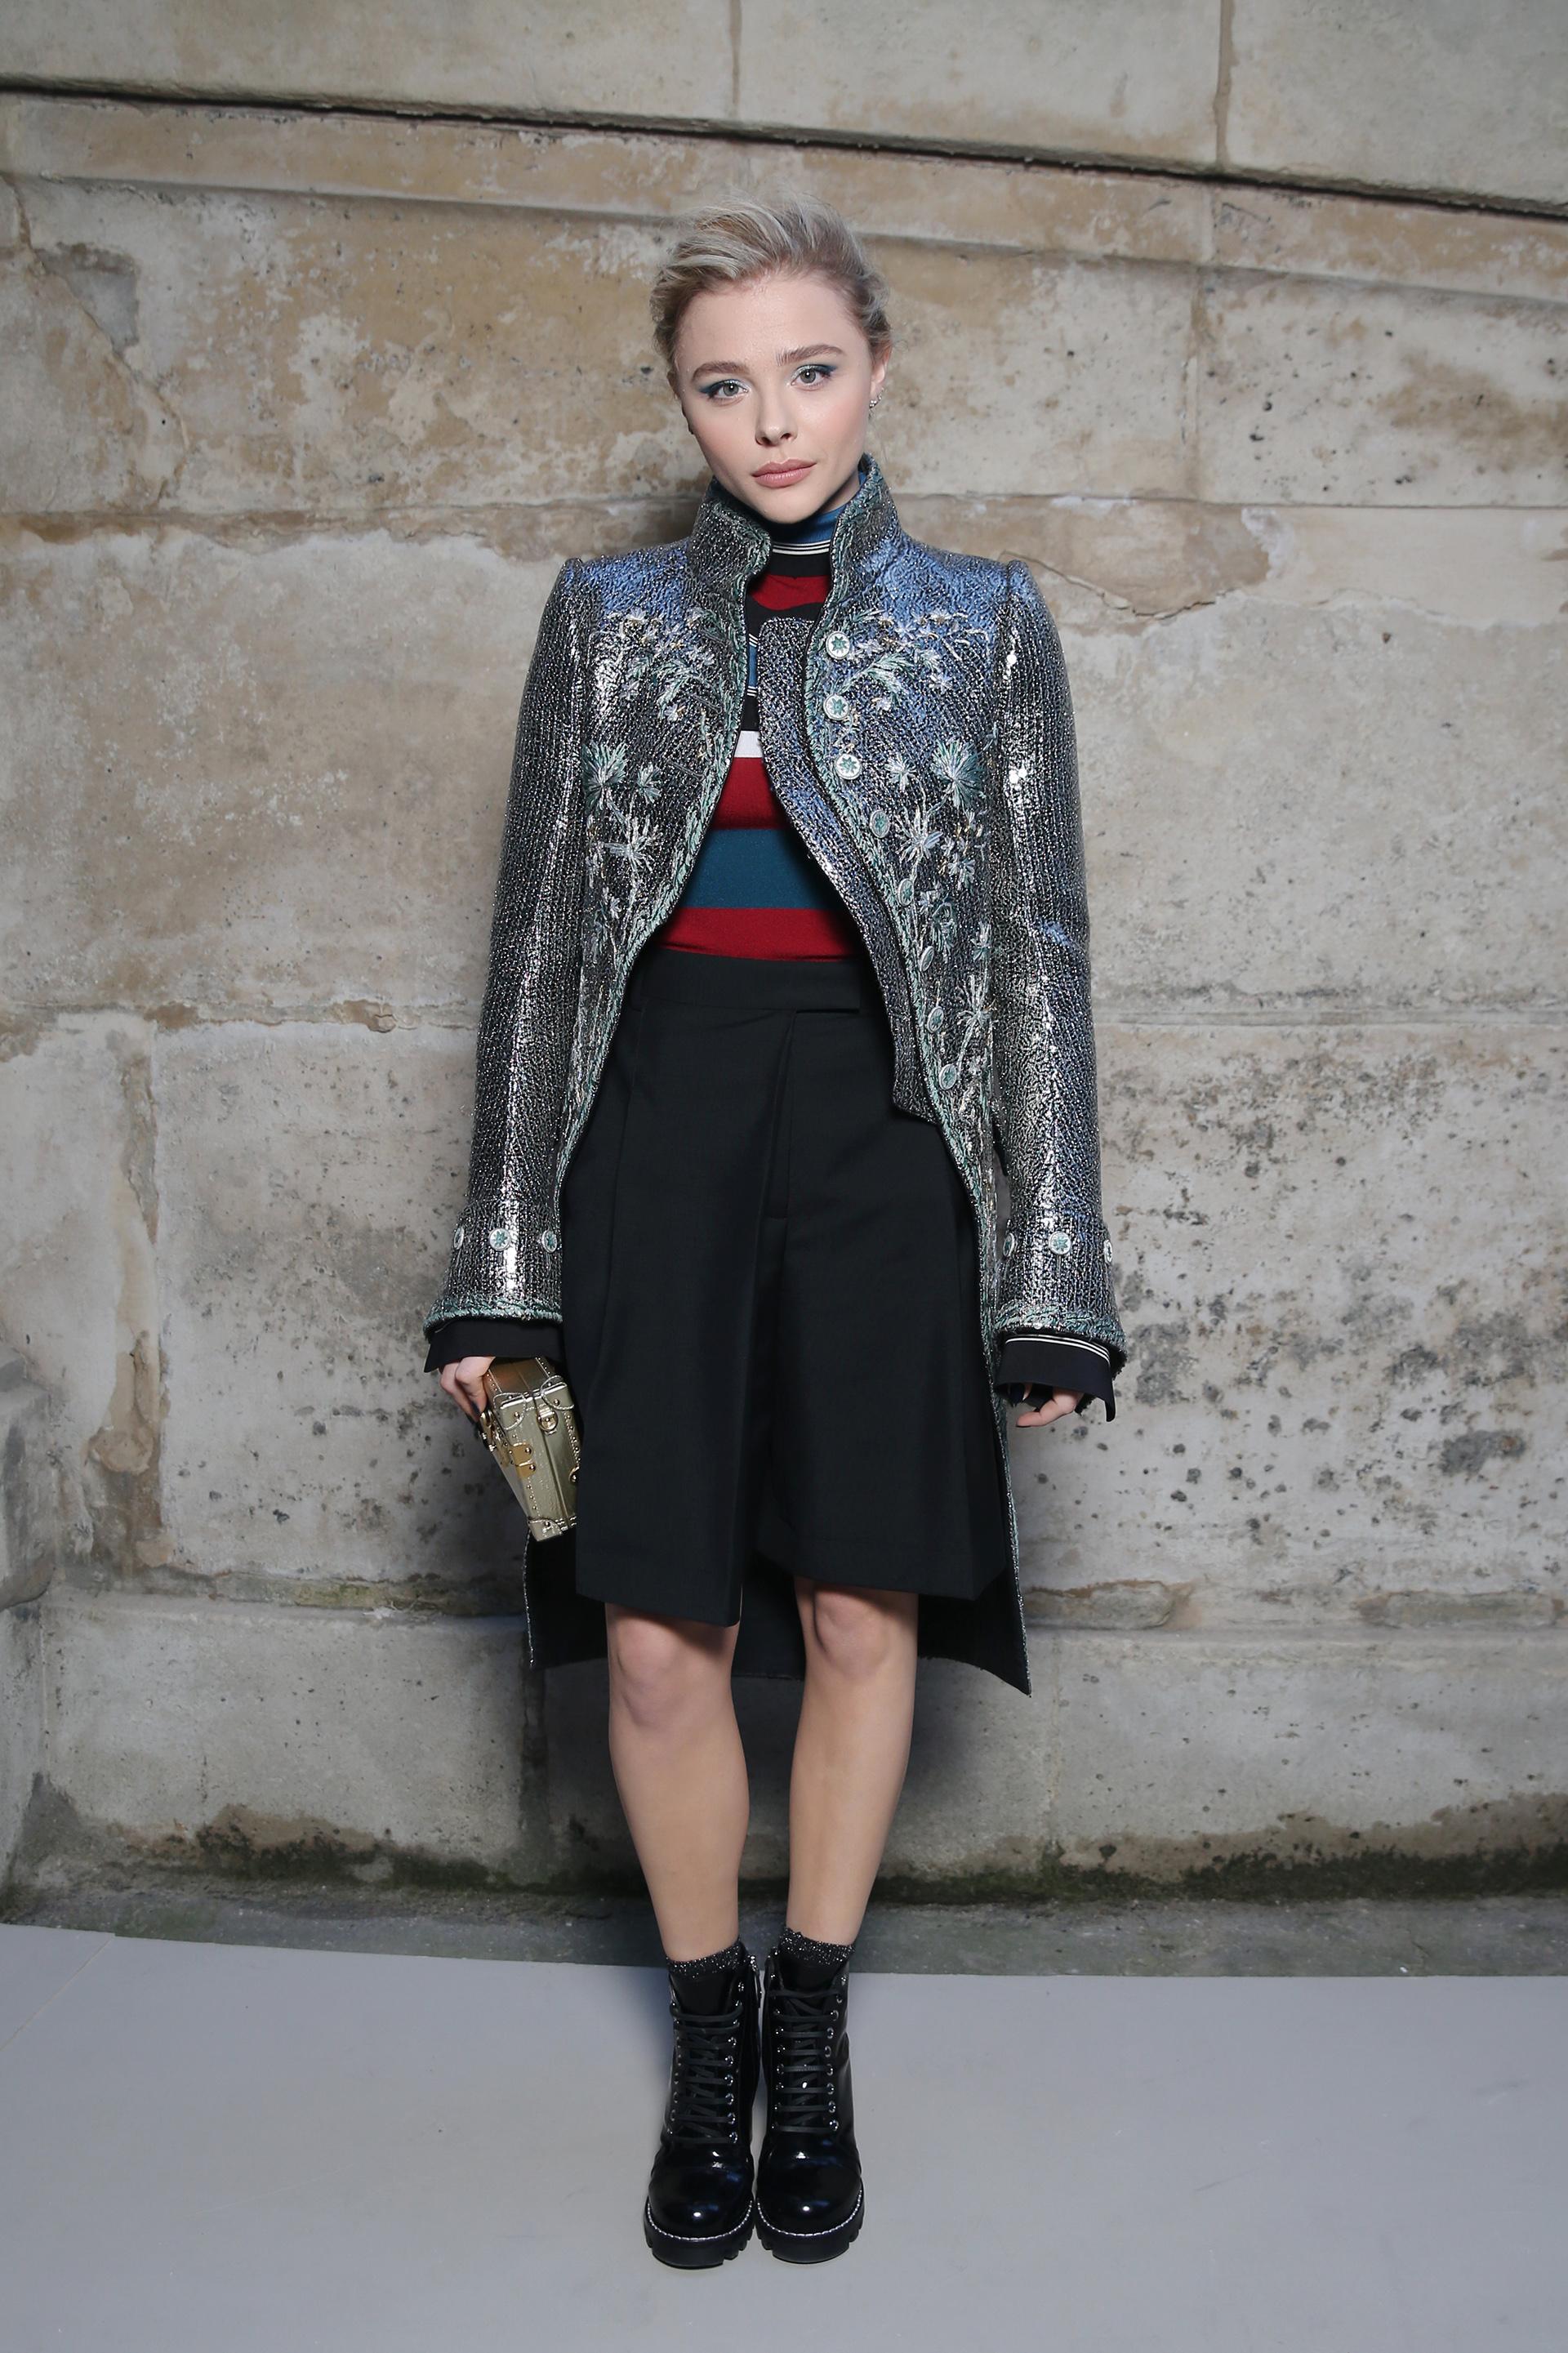 Chloe Moretz, la actriz deNovember Criminals entre las más distinguidas del evento fashionista